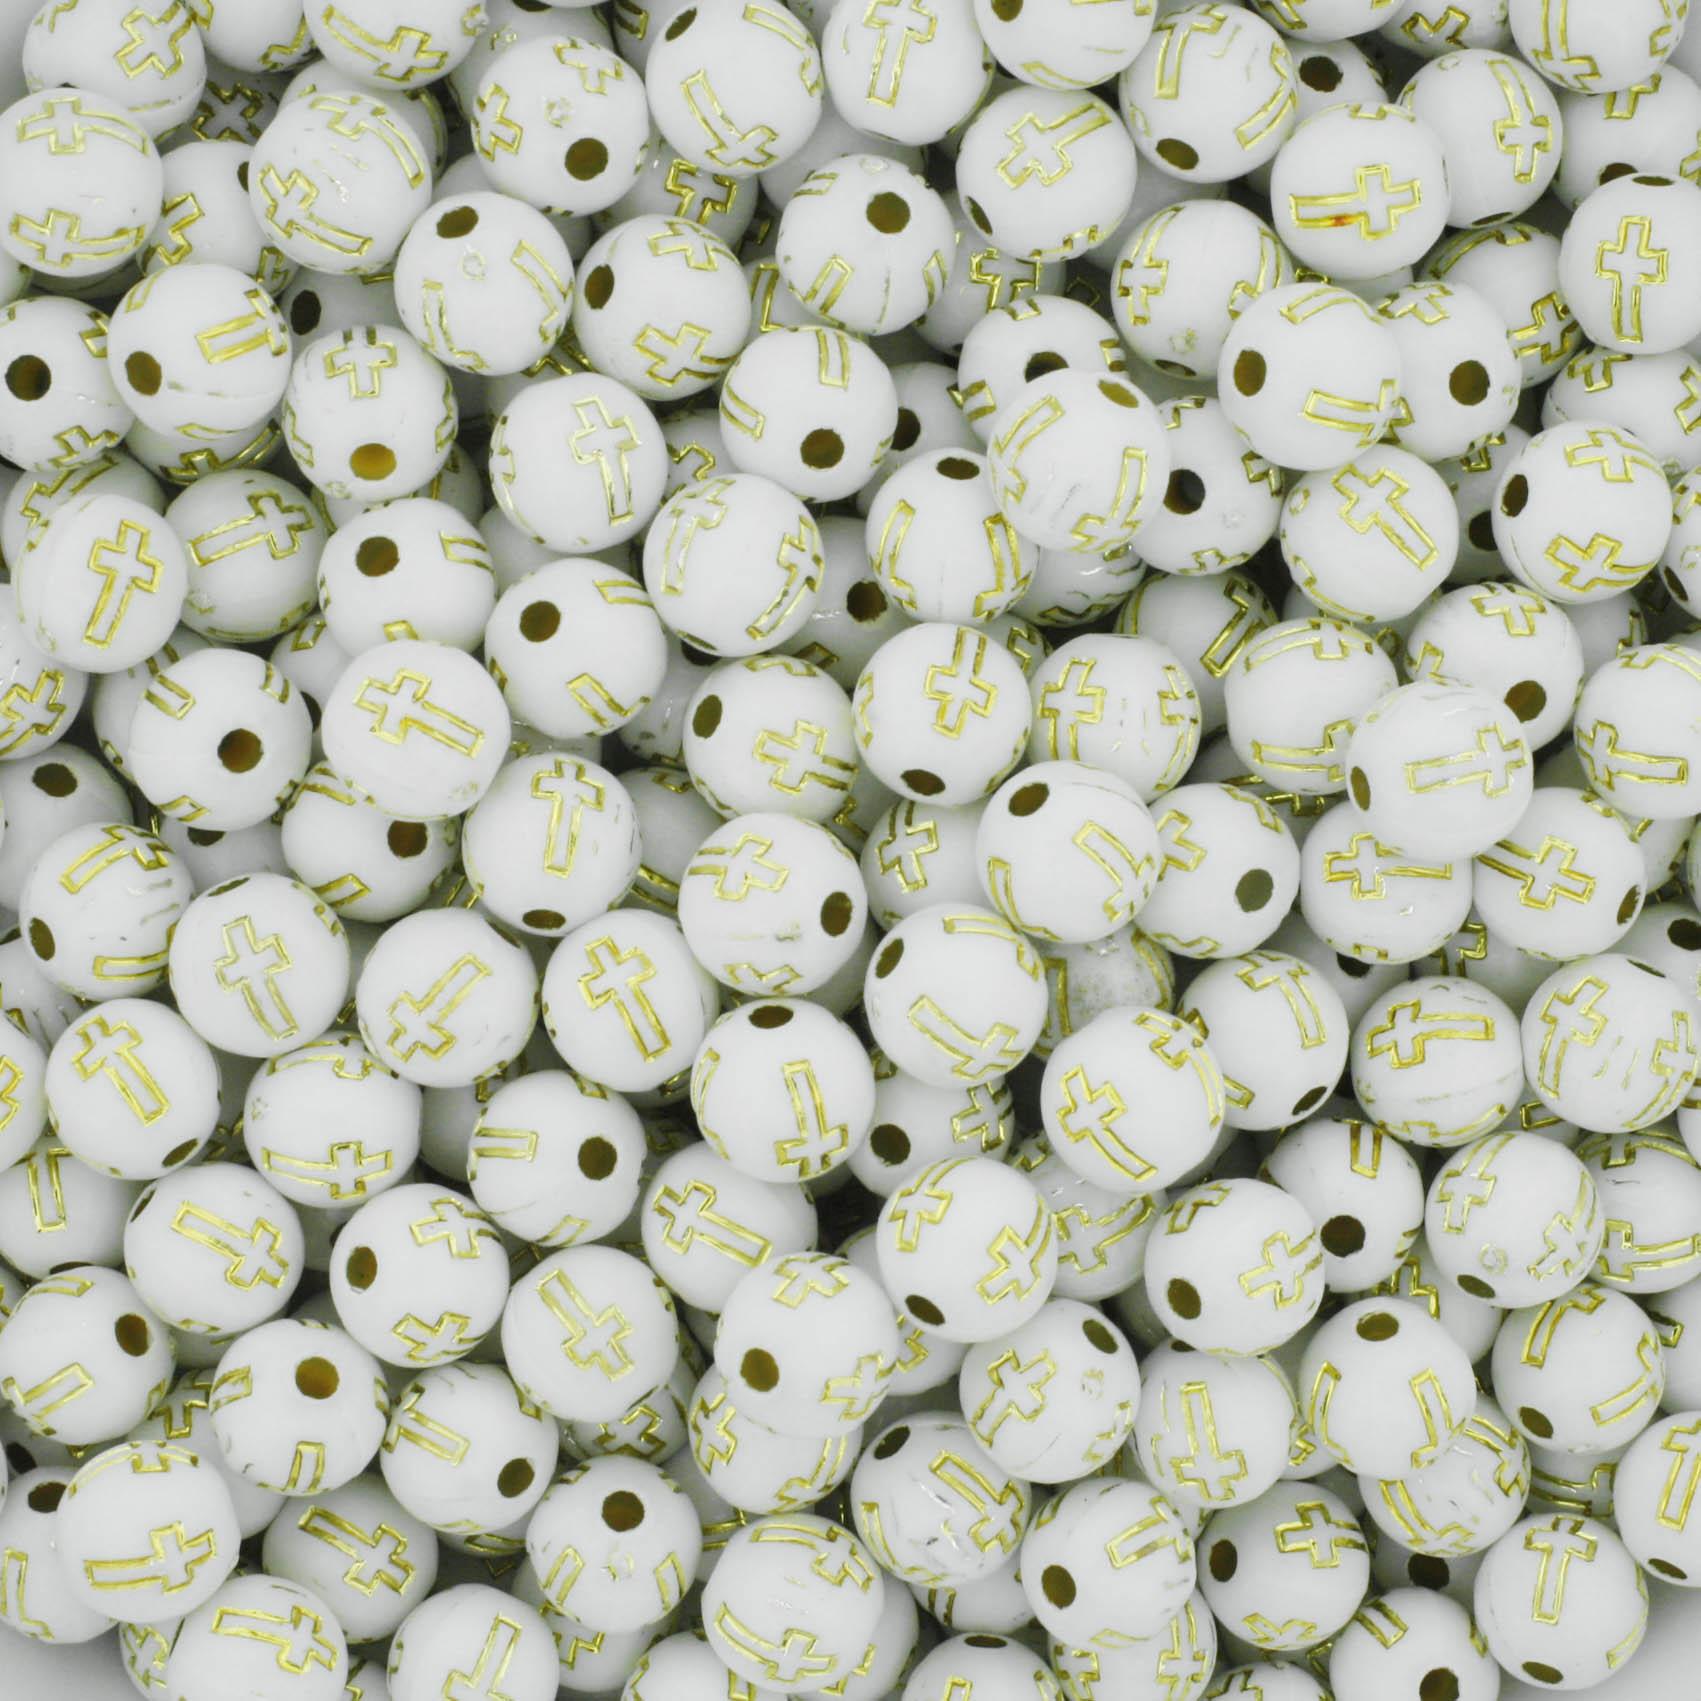 Miçanga - Cruz Branca e Dourada  - Stéphanie Bijoux® - Peças para Bijuterias e Artesanato